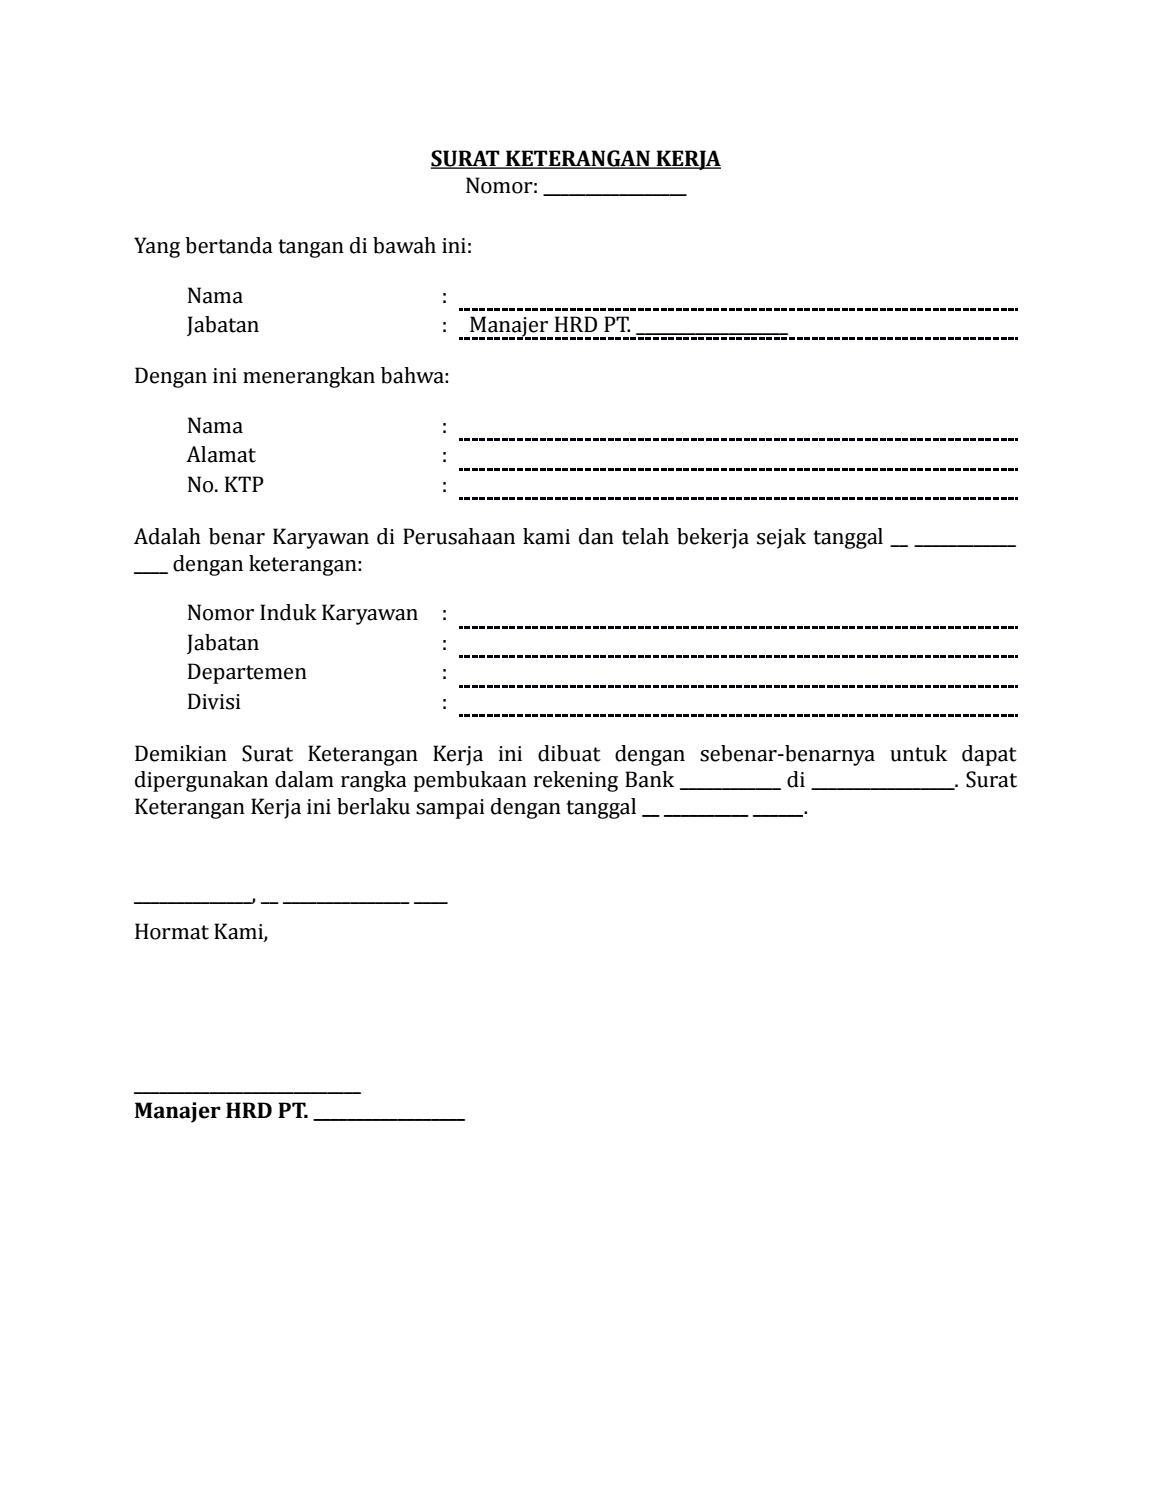 25 Draf Surat Keterangan Kerja Untuk Membuka Rekening Bank